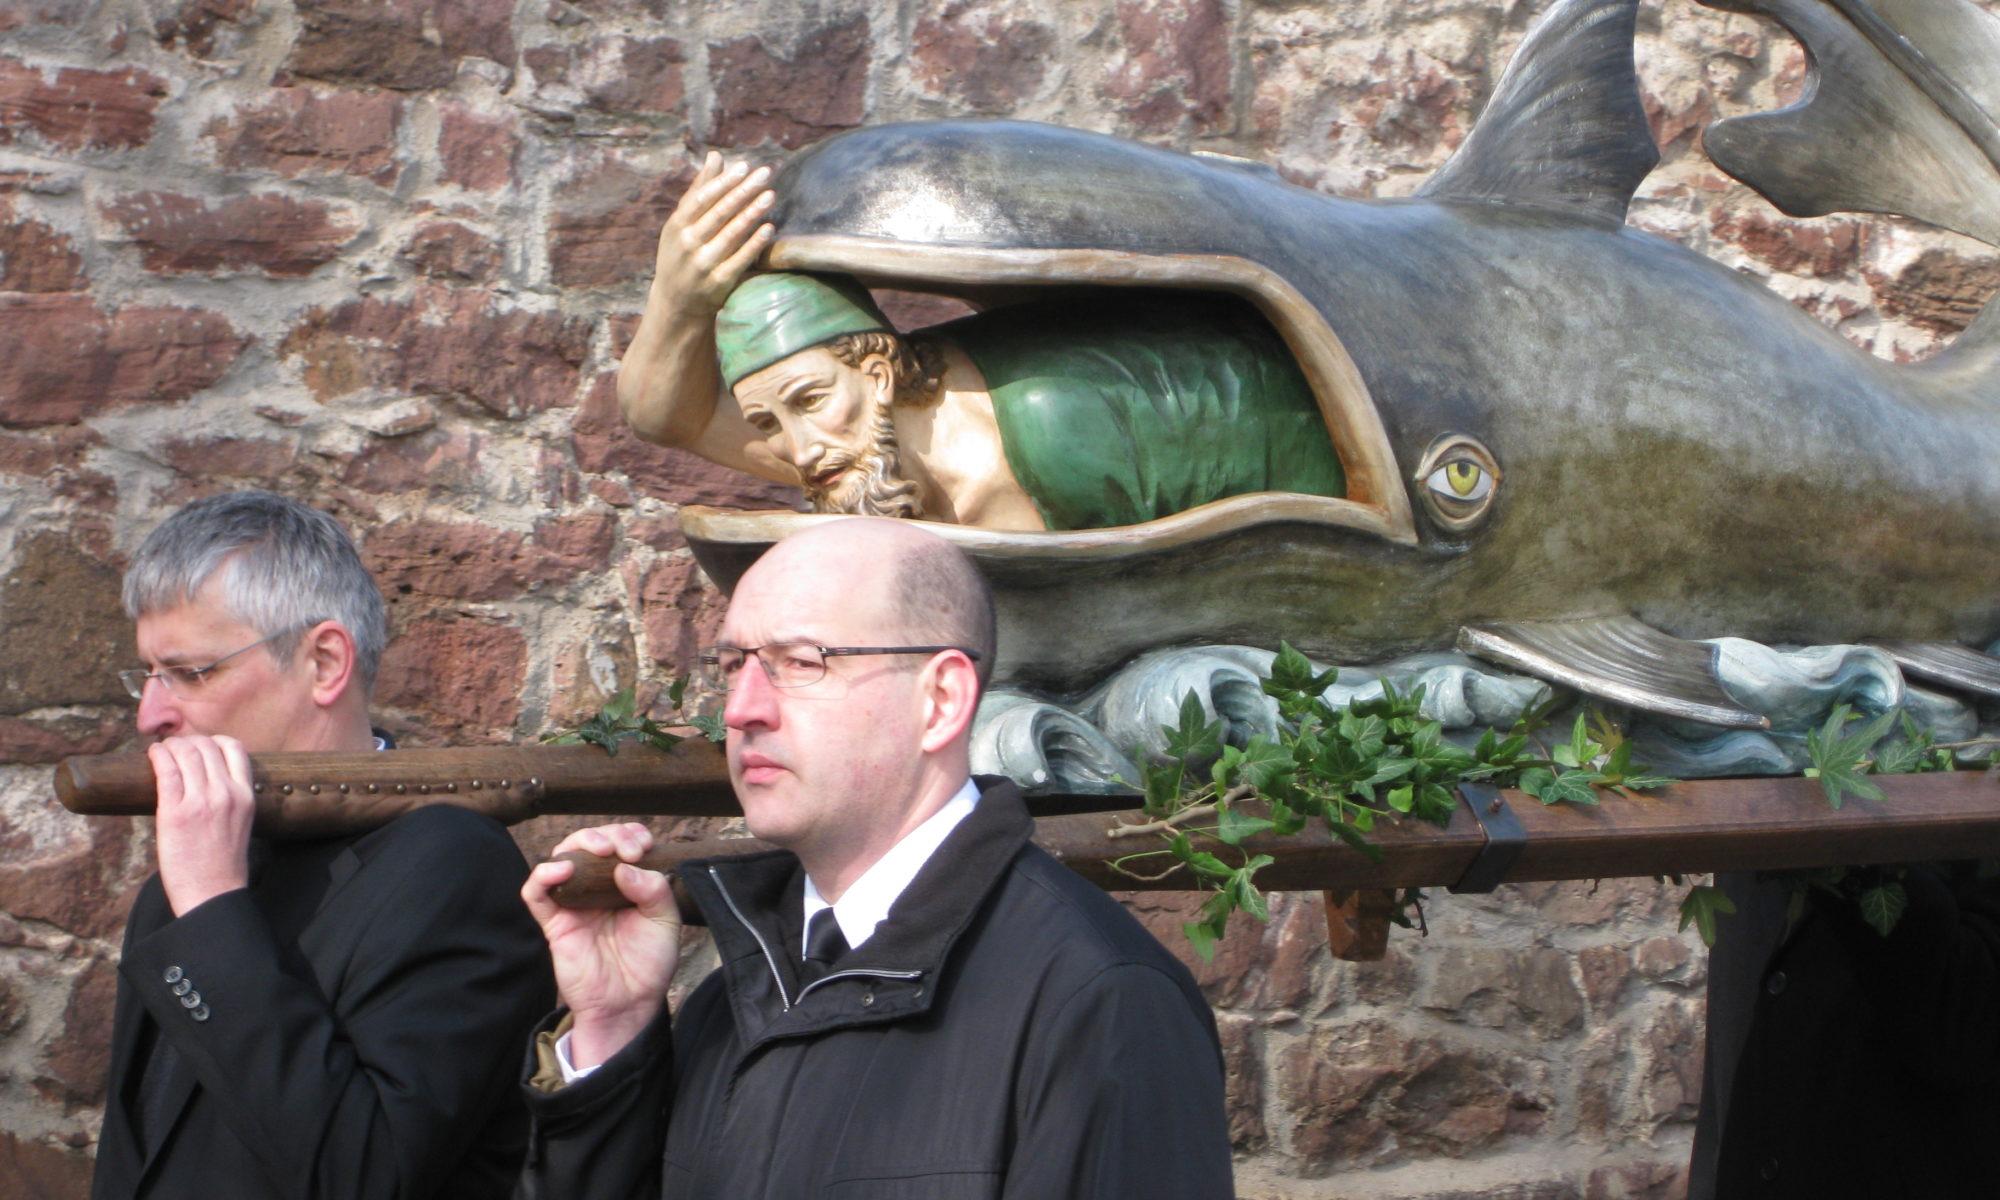 Jona im Walfisch bei der Lohrer Karfreitagsprozession 2010 | Foto: B. Schneider